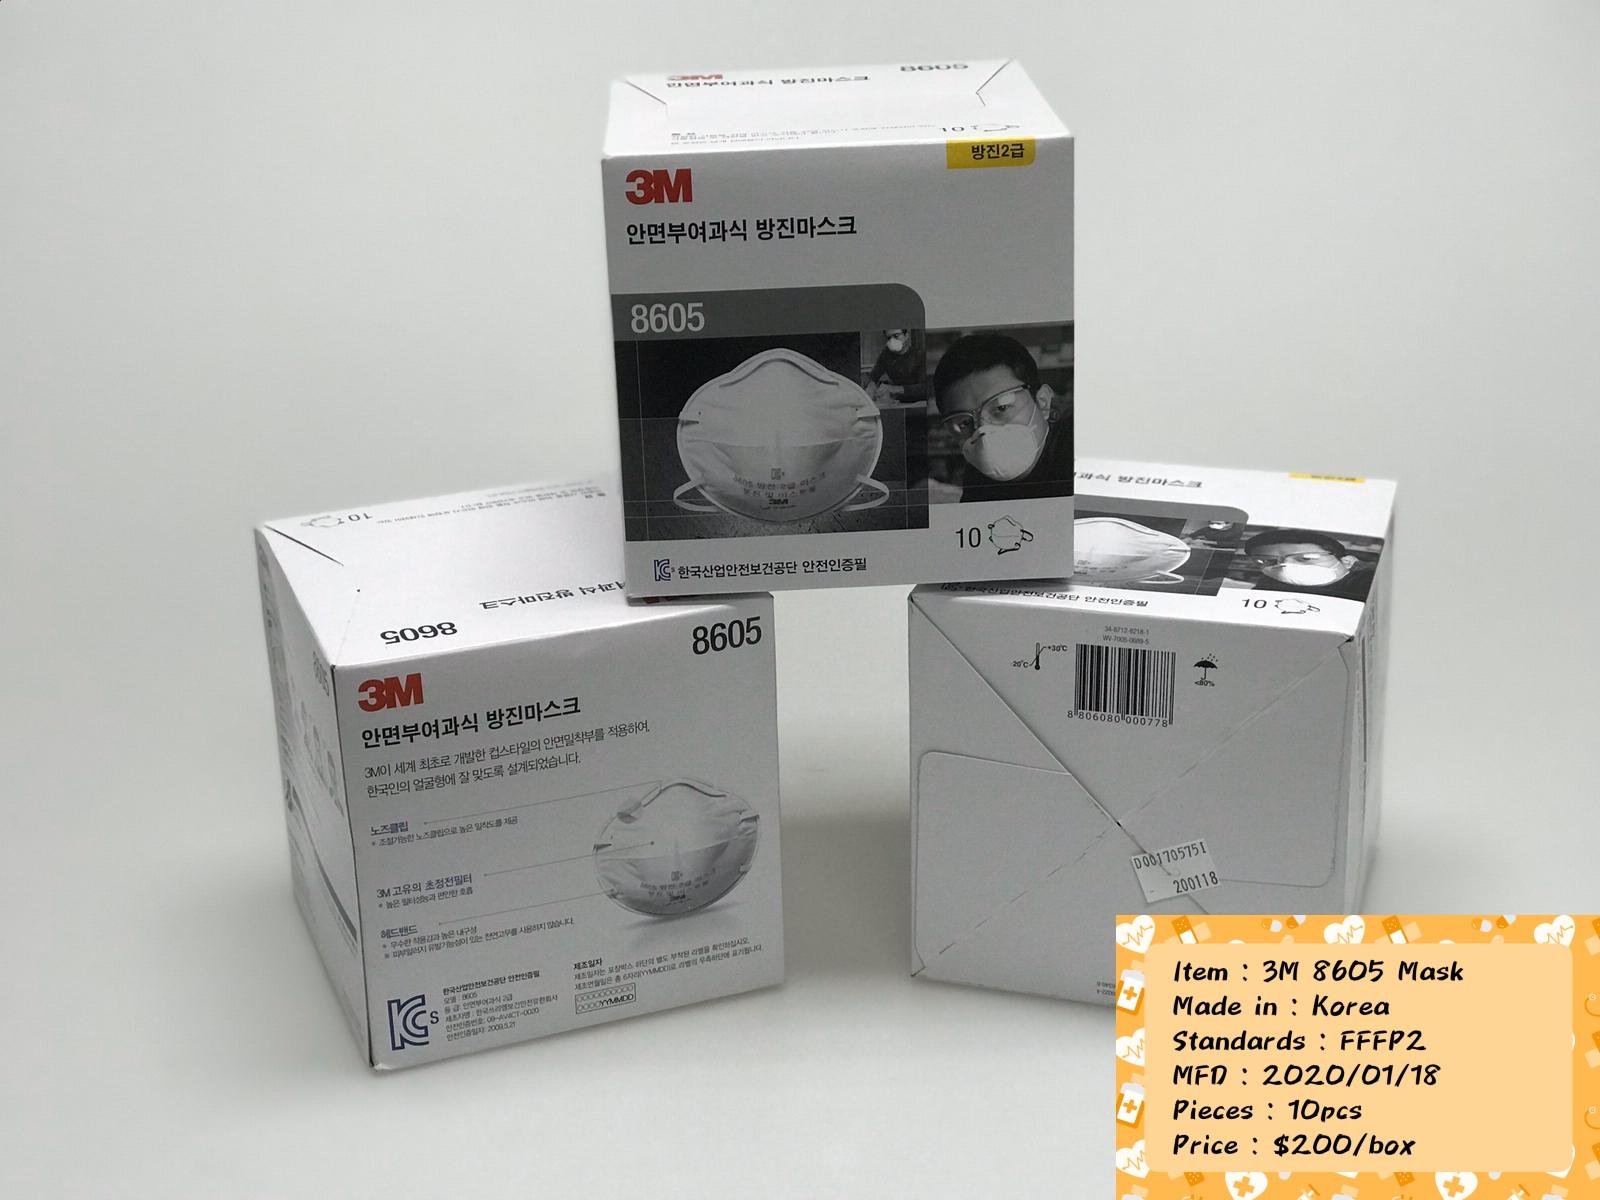 3M 8605 Mask (2)